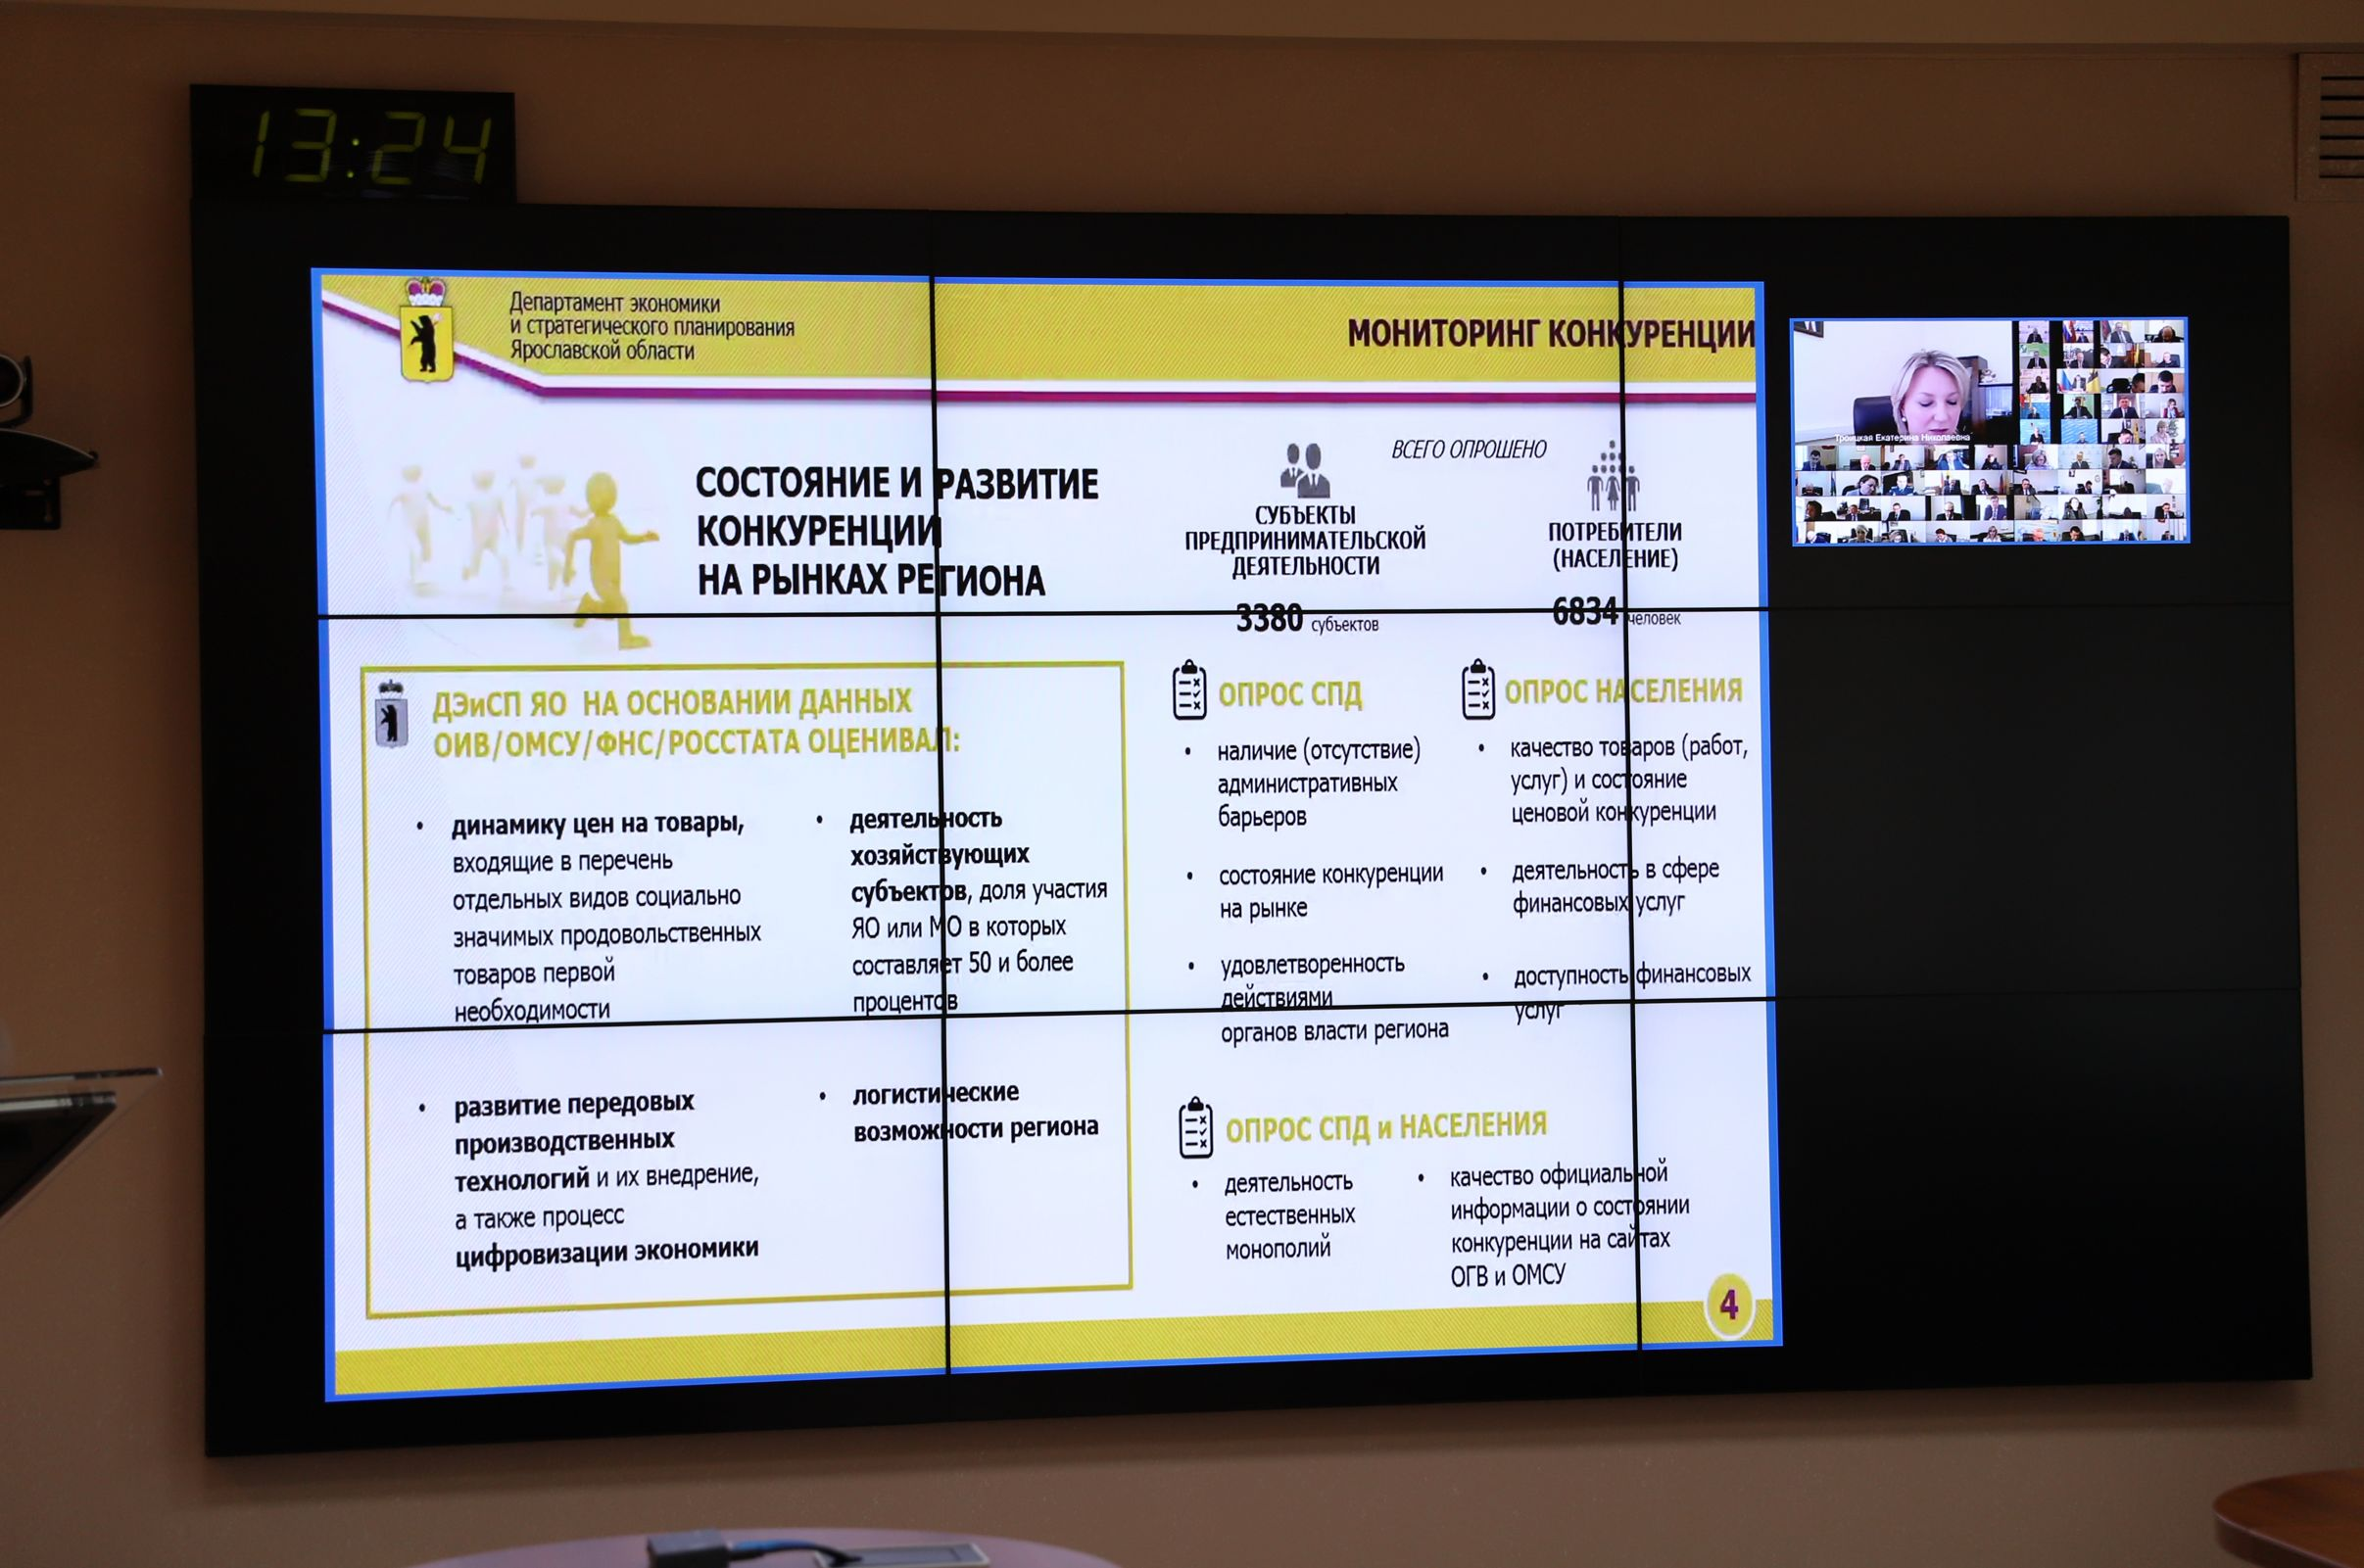 Ярославская область оказалась в первой семерке по уровню содействия развитию конкуренции